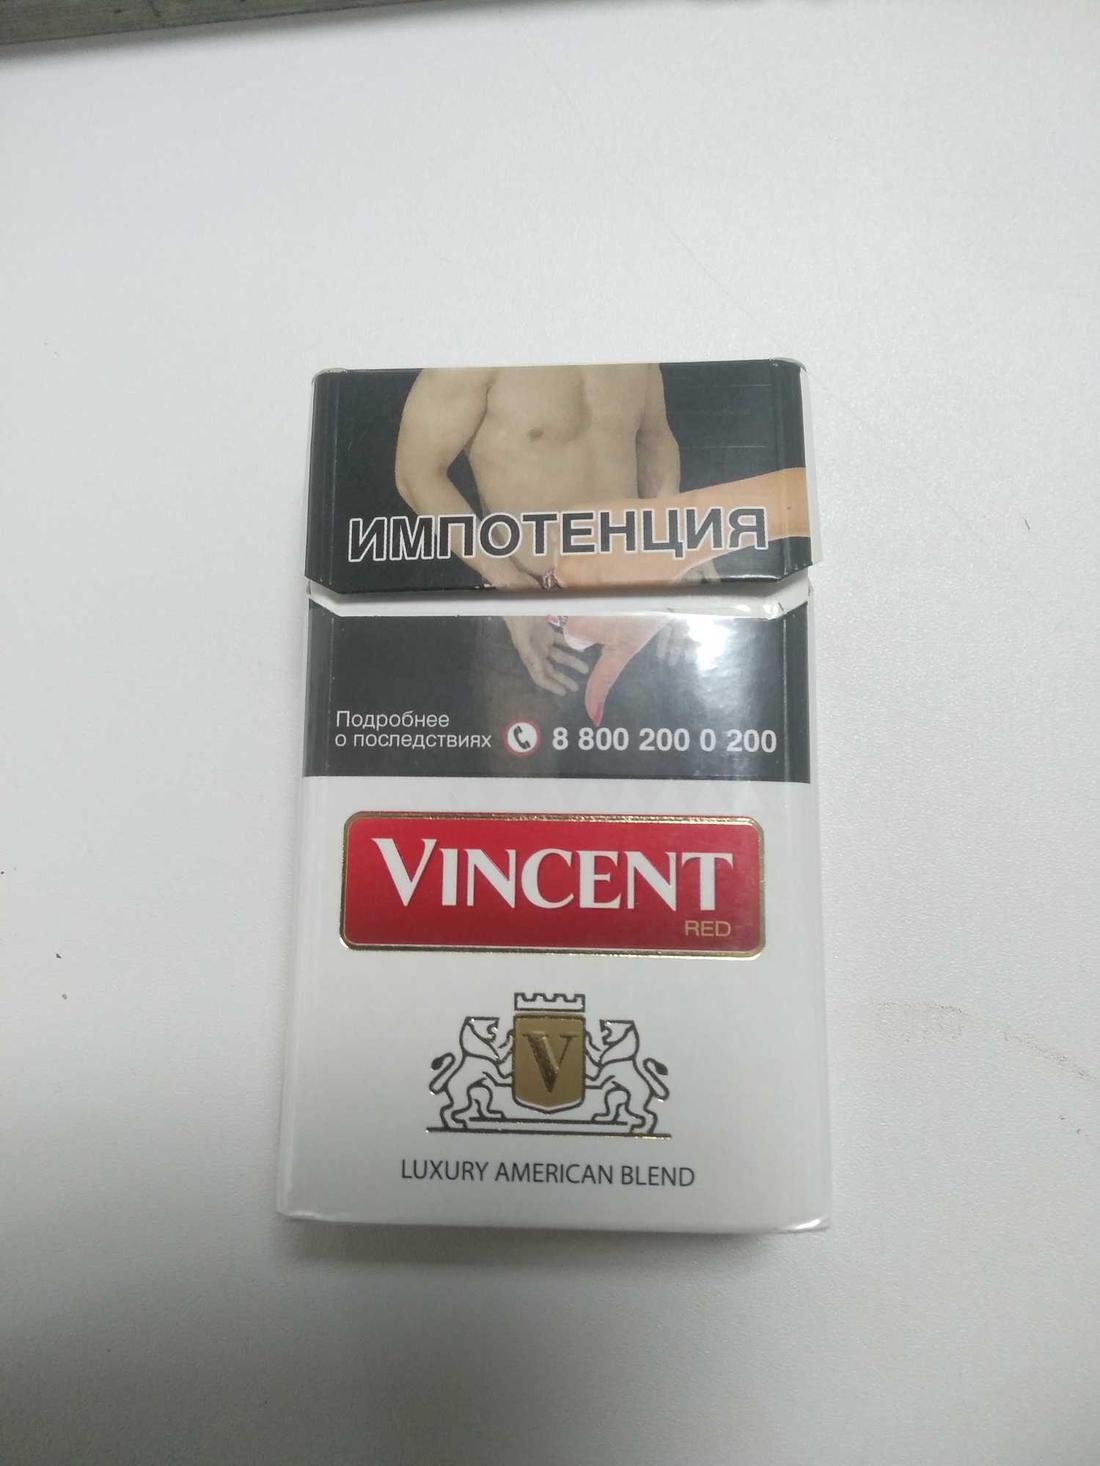 Купить сигареты винсент жидкость для электронных сигарет оптом пермь